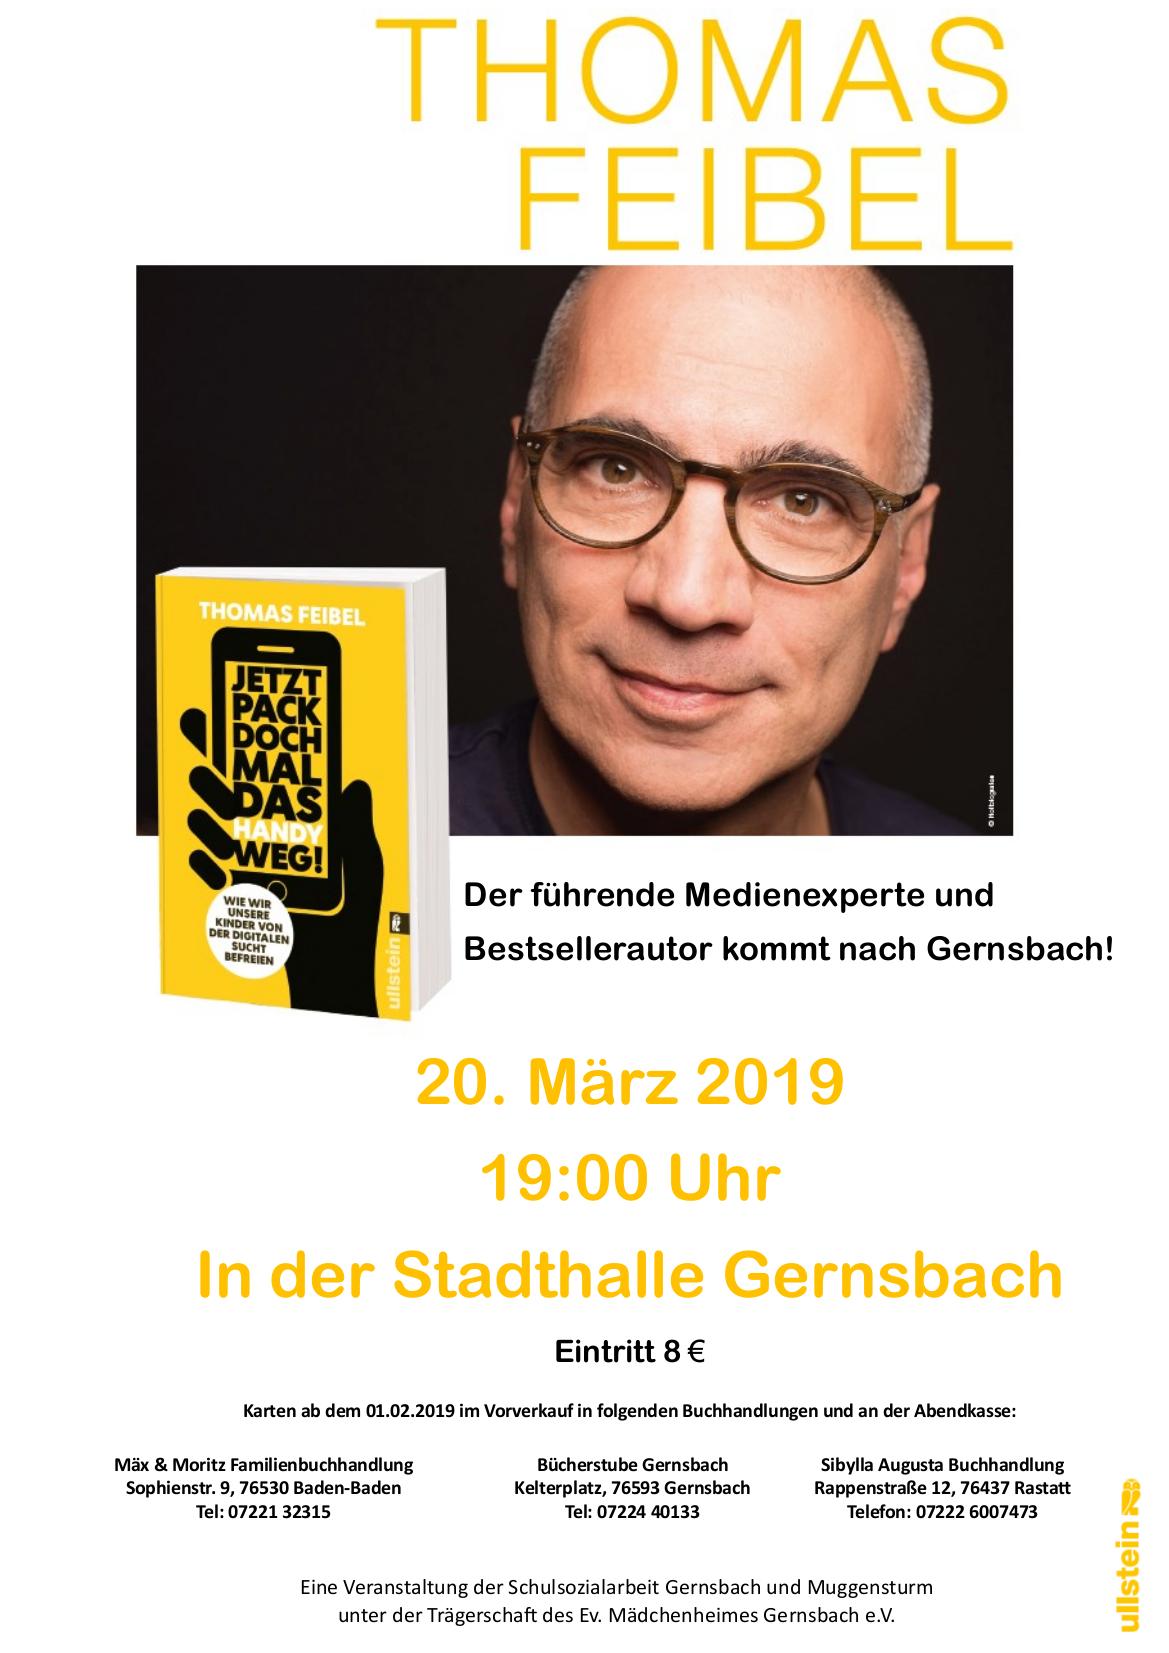 Bücherstube Gernsbach